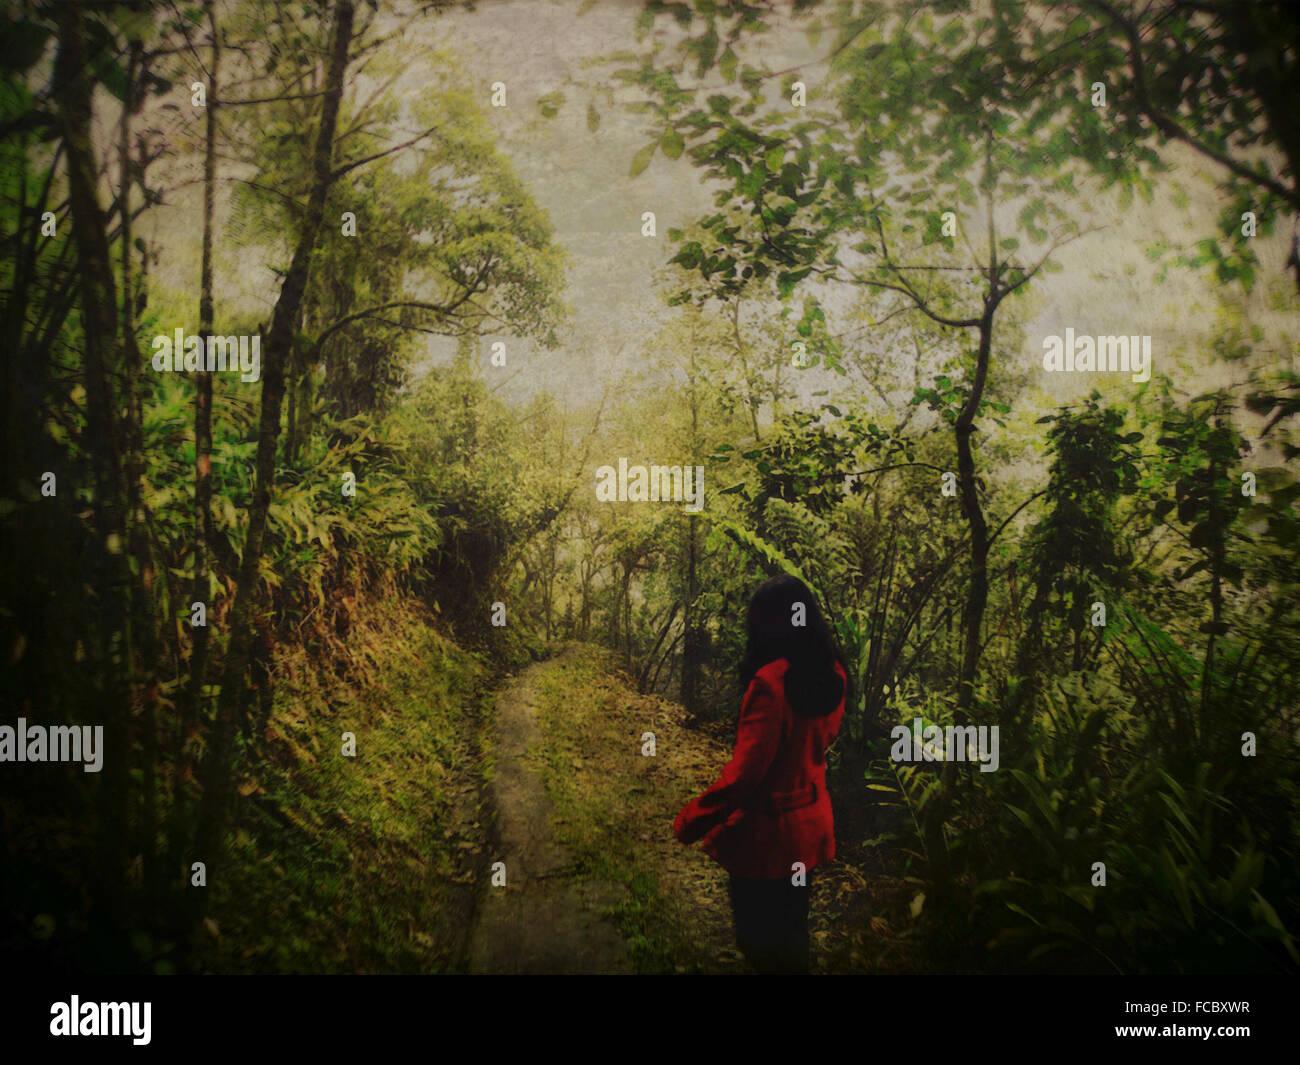 Vista trasera de una mujer caminando en el bosque a lo largo de árboles Imagen De Stock